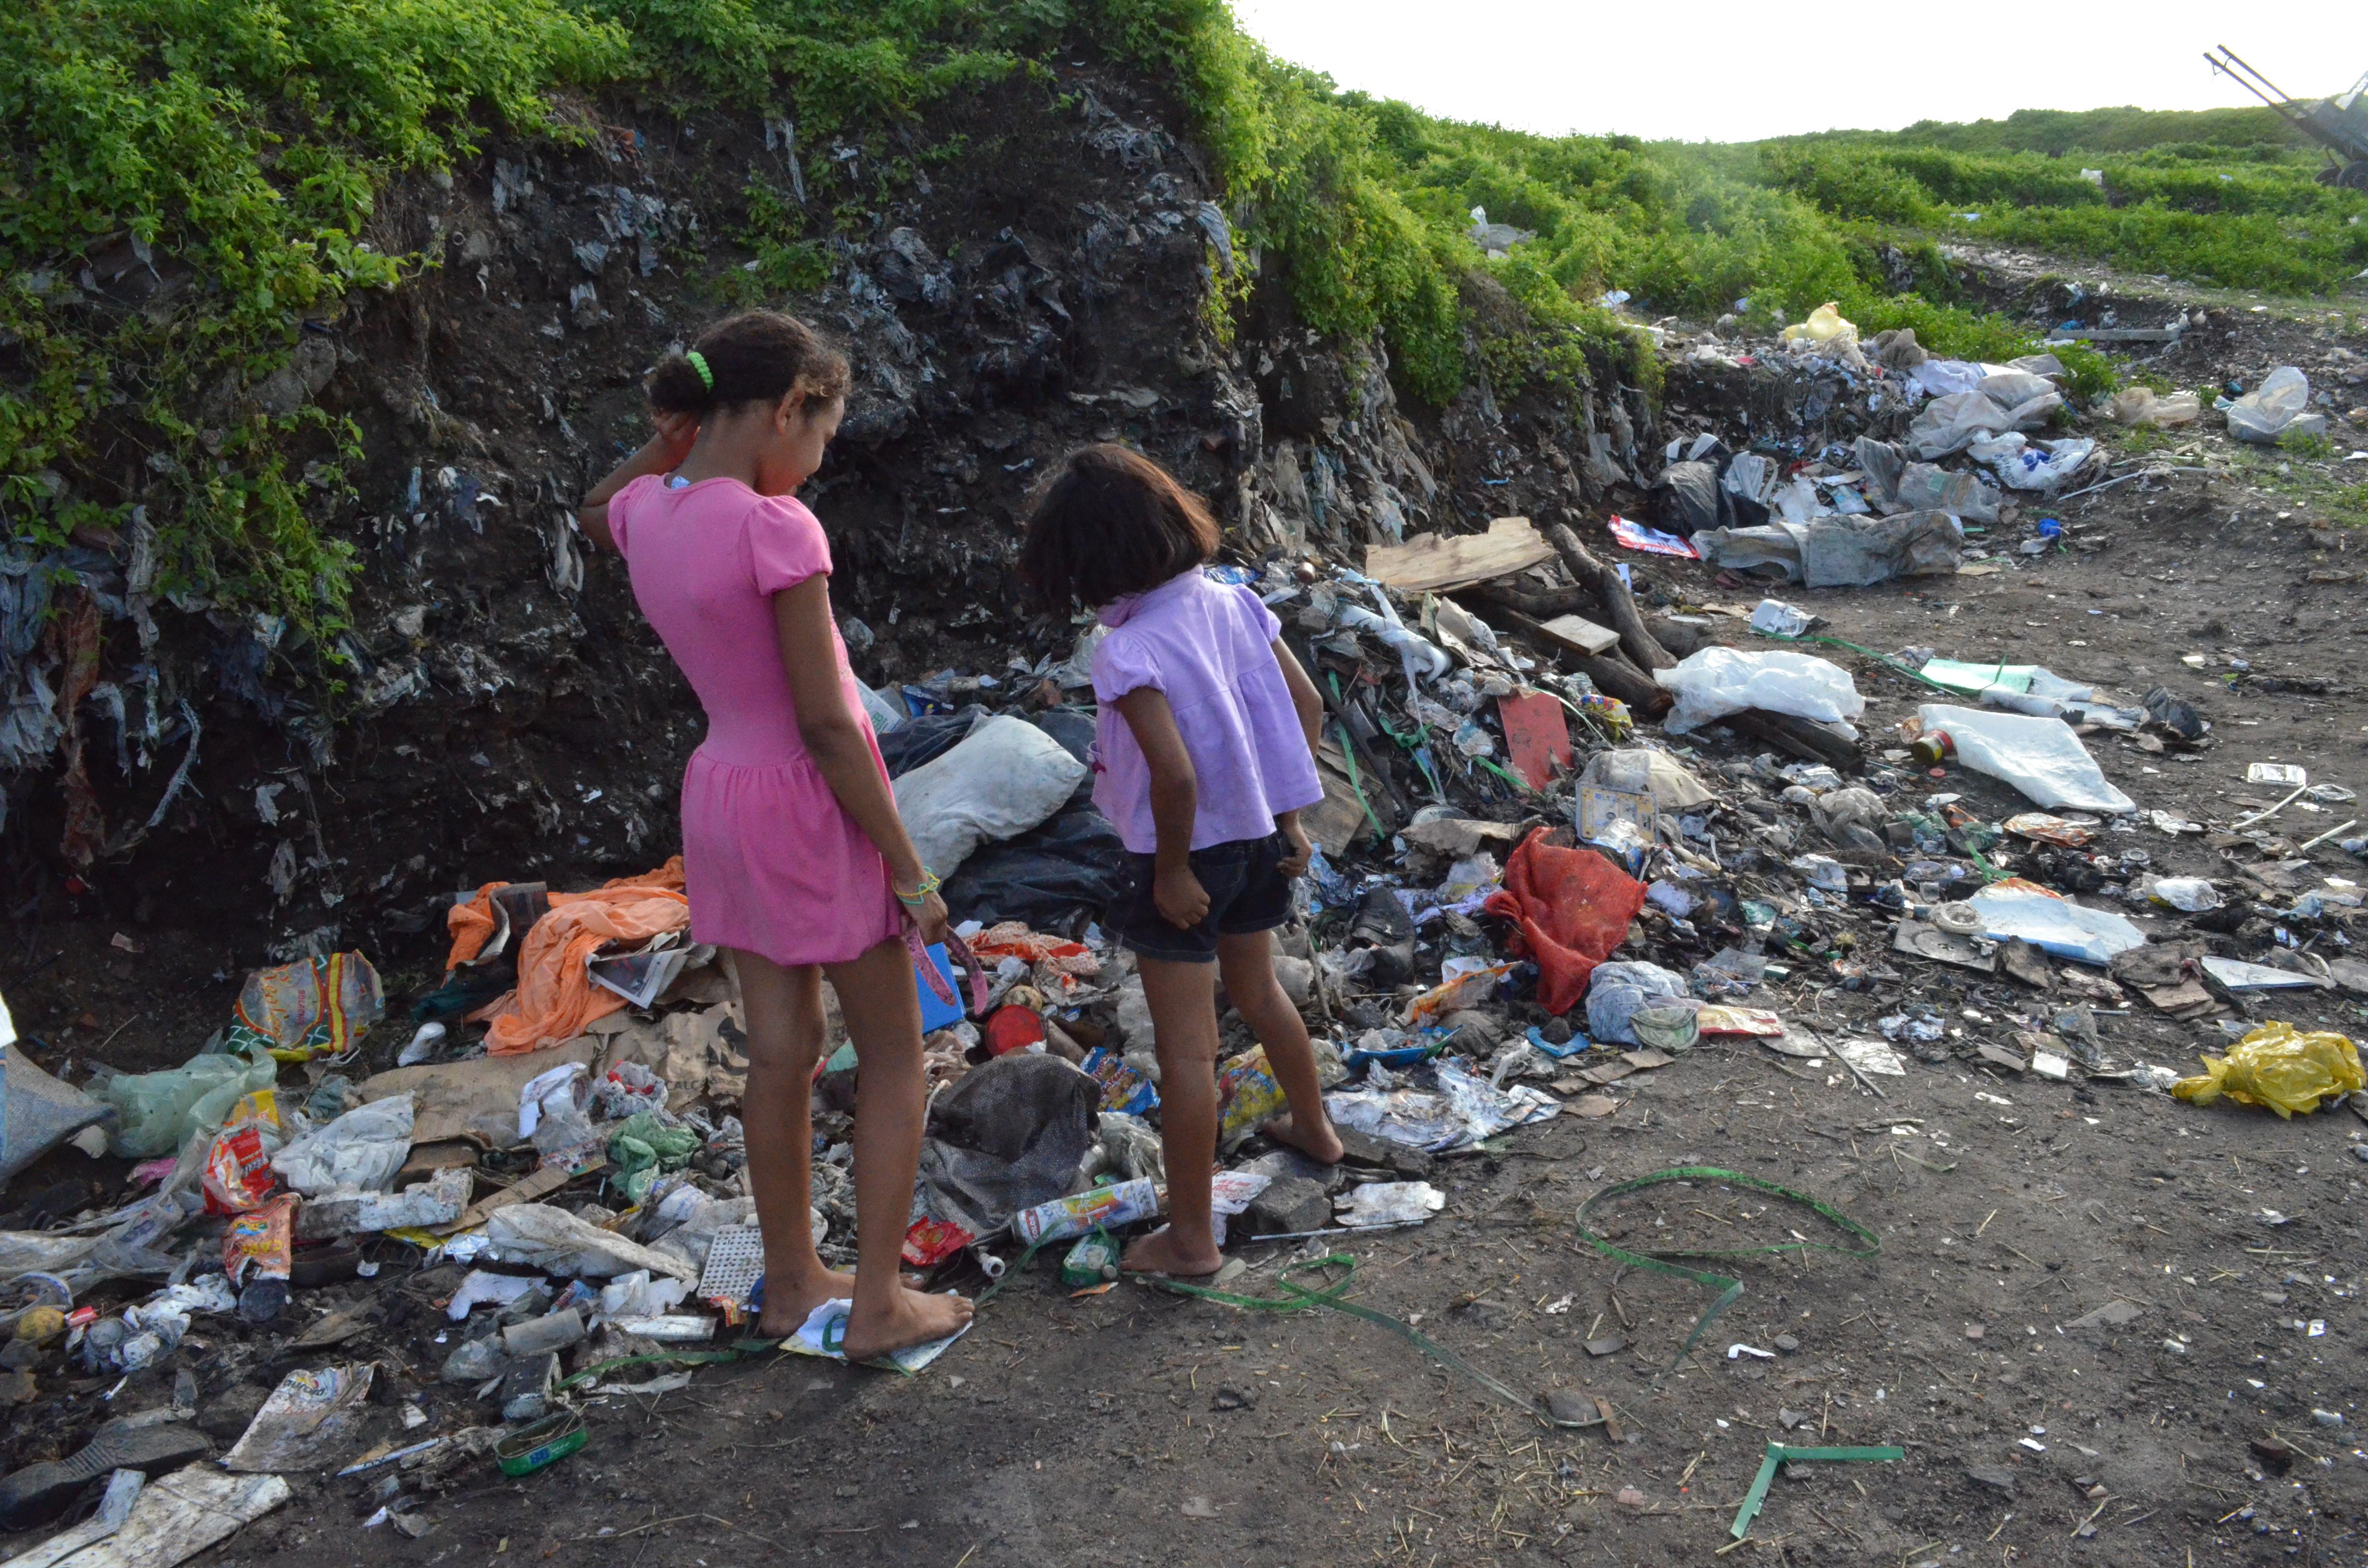 Meninas brincam em meio ao lixo, que ainda é visível, no Lixão do Roger, em João Pessoa.